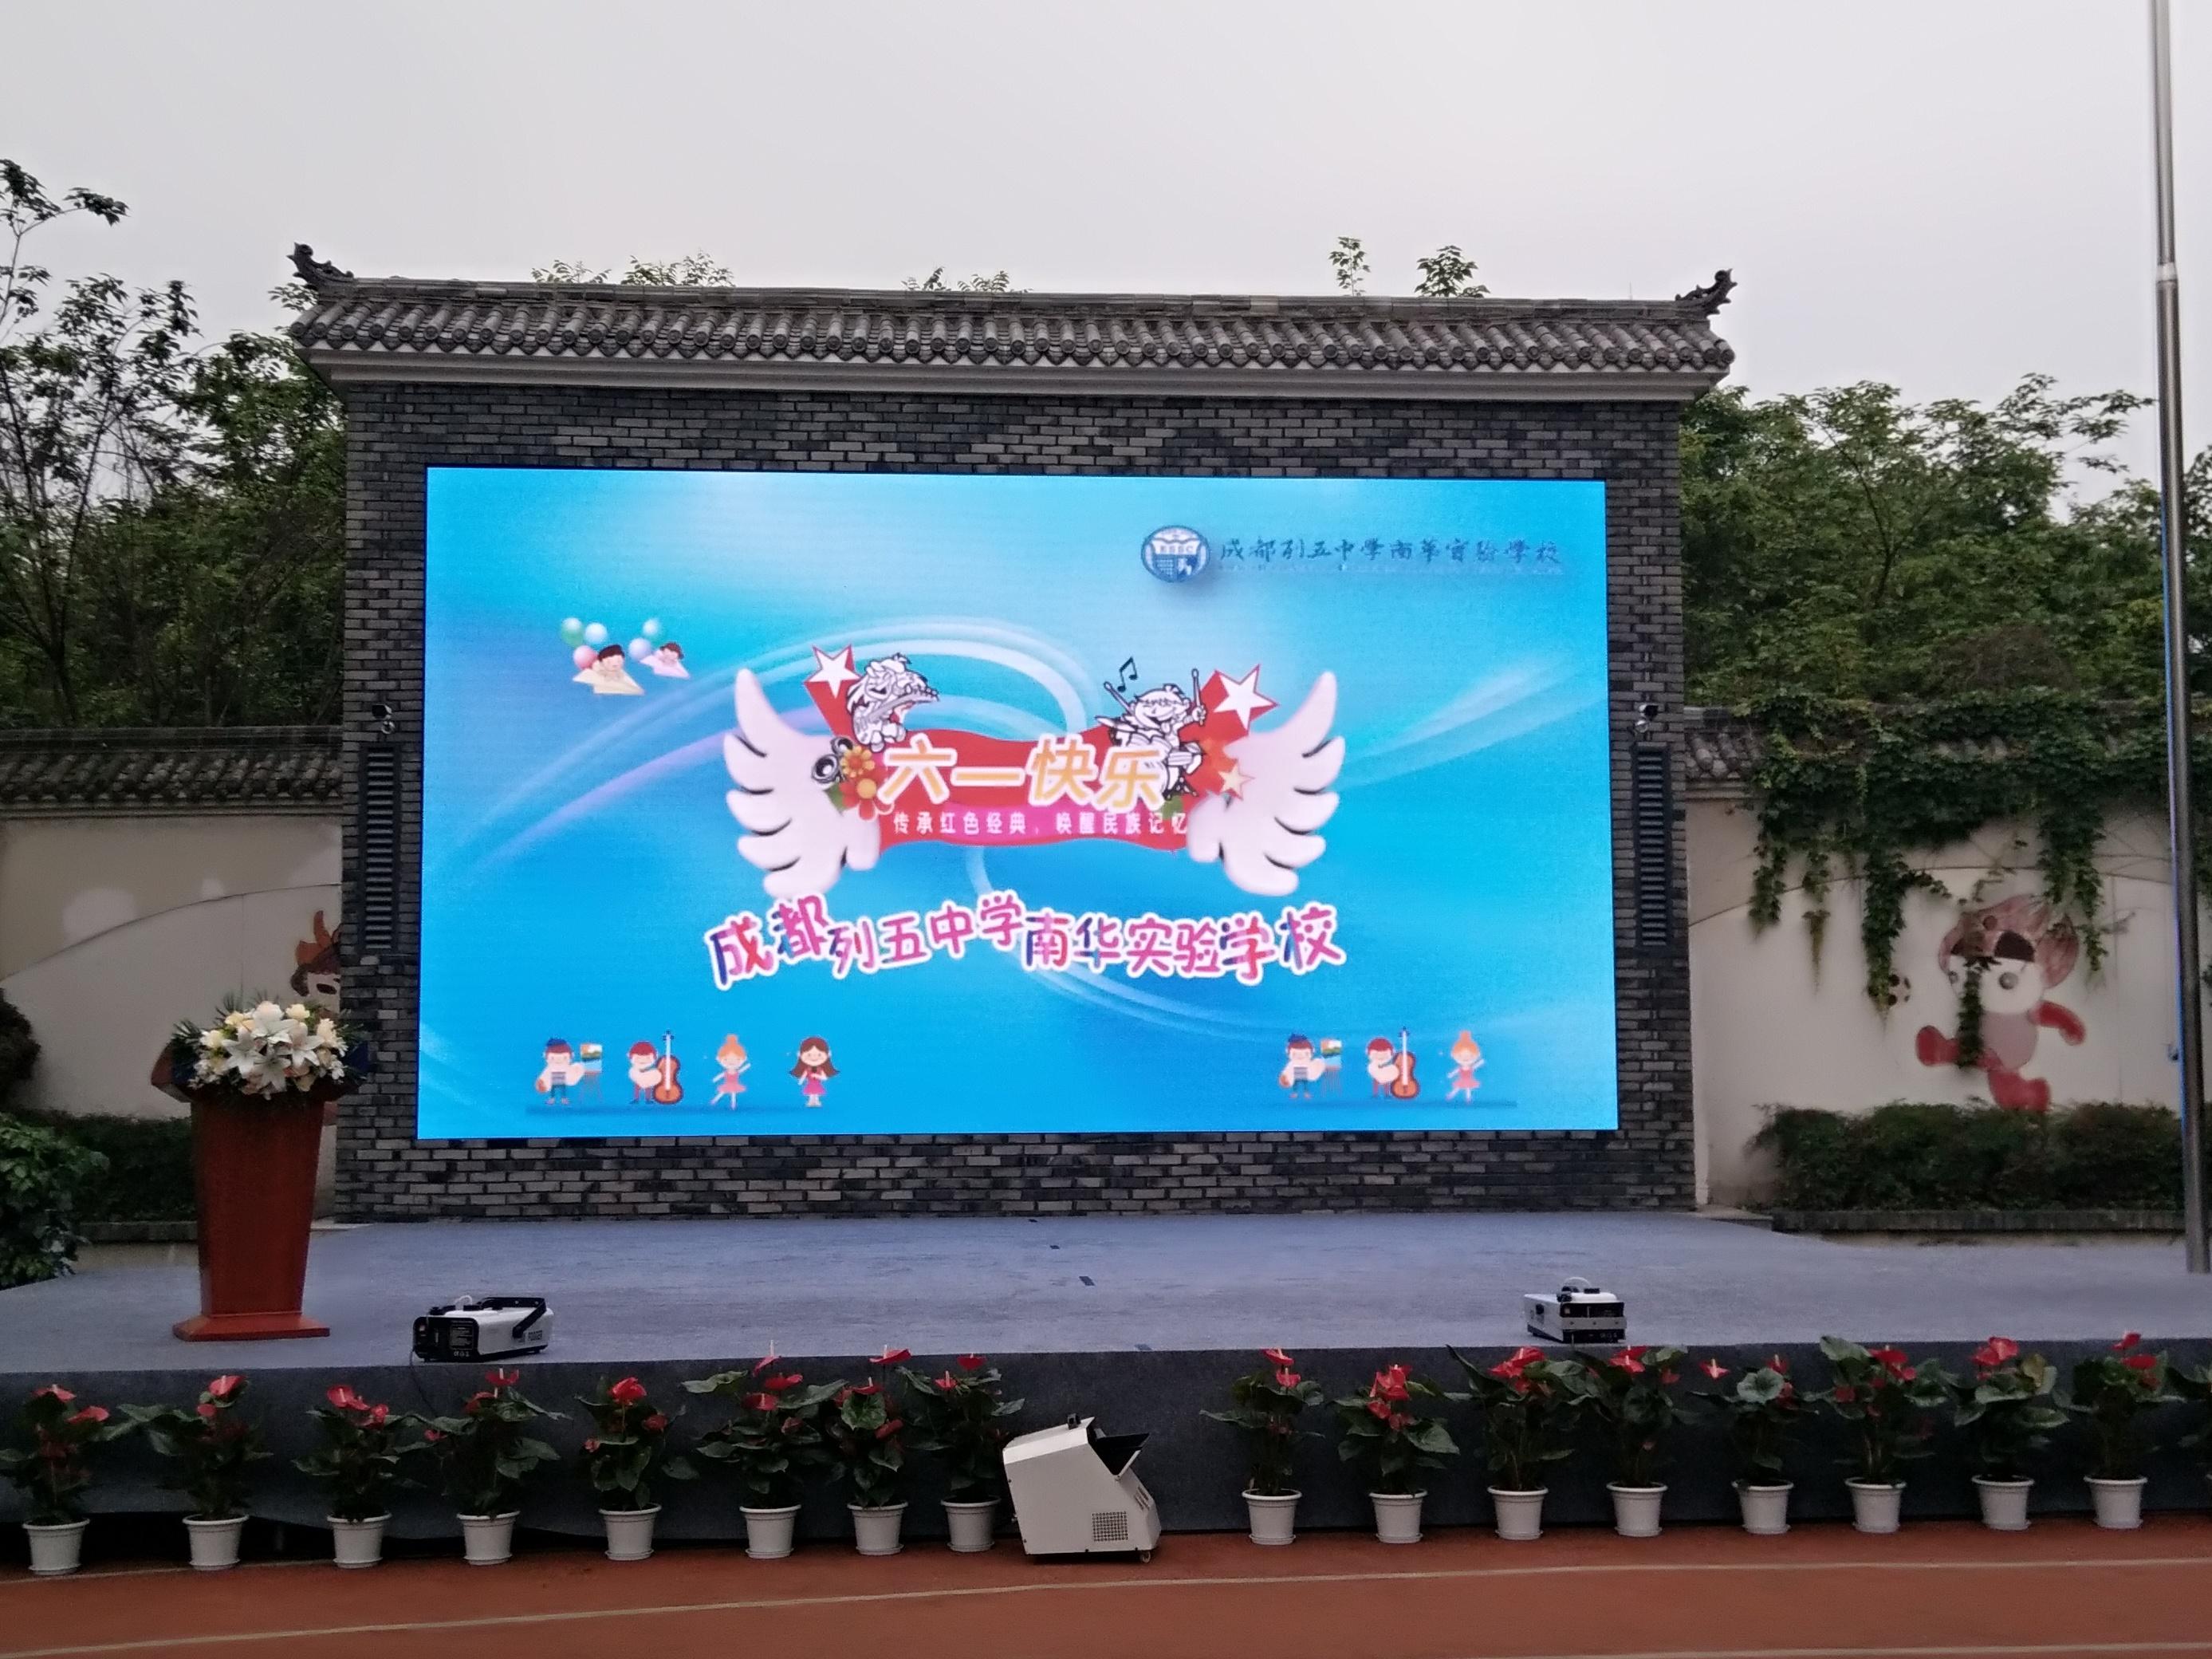 成都列五中学南华实验学校户外P4LED显示屏